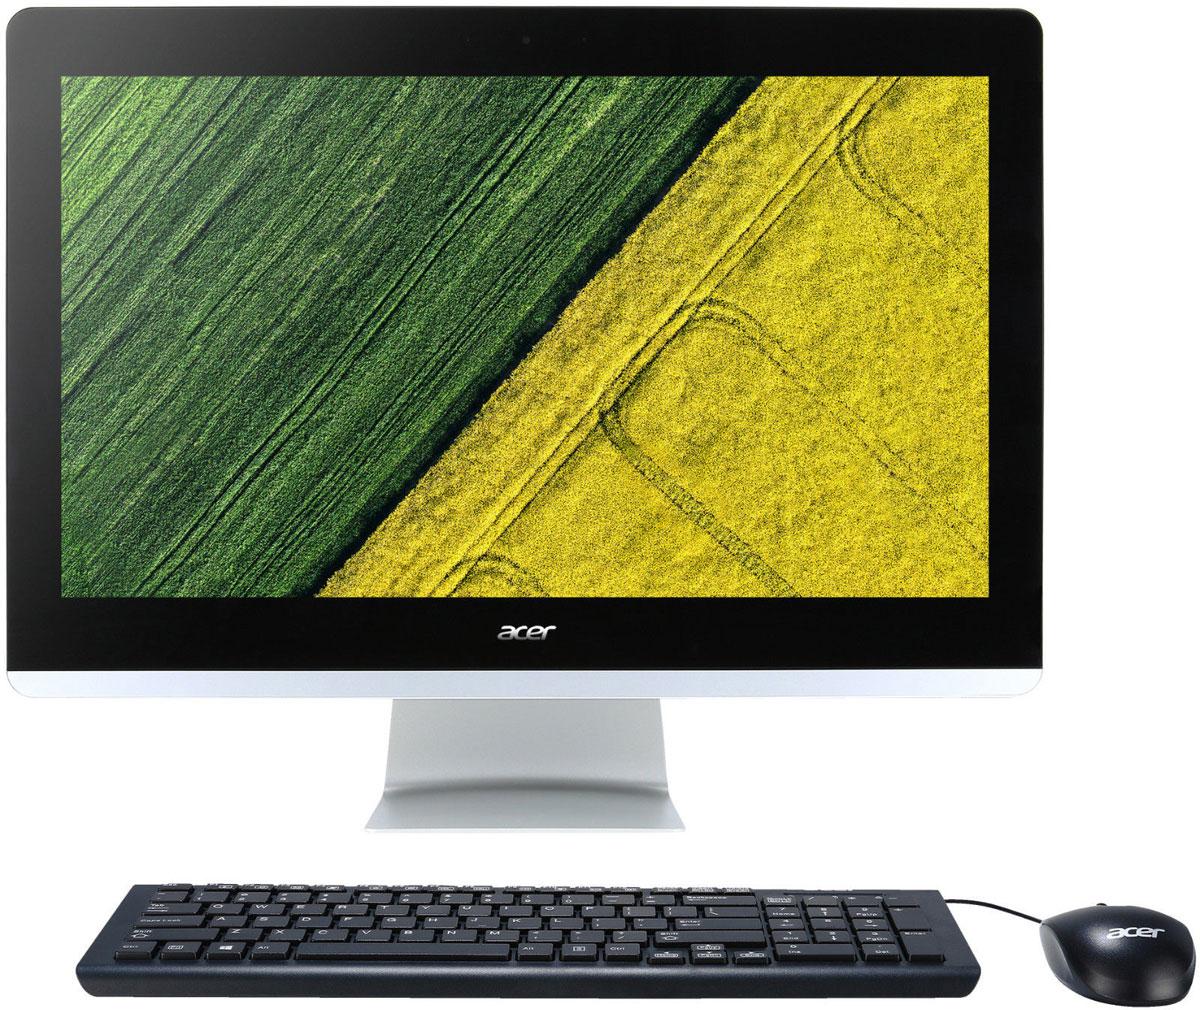 Acer Aspire Z22-780, Black моноблок (DQ.B82ER.008) - Настольные компьютеры и моноблоки